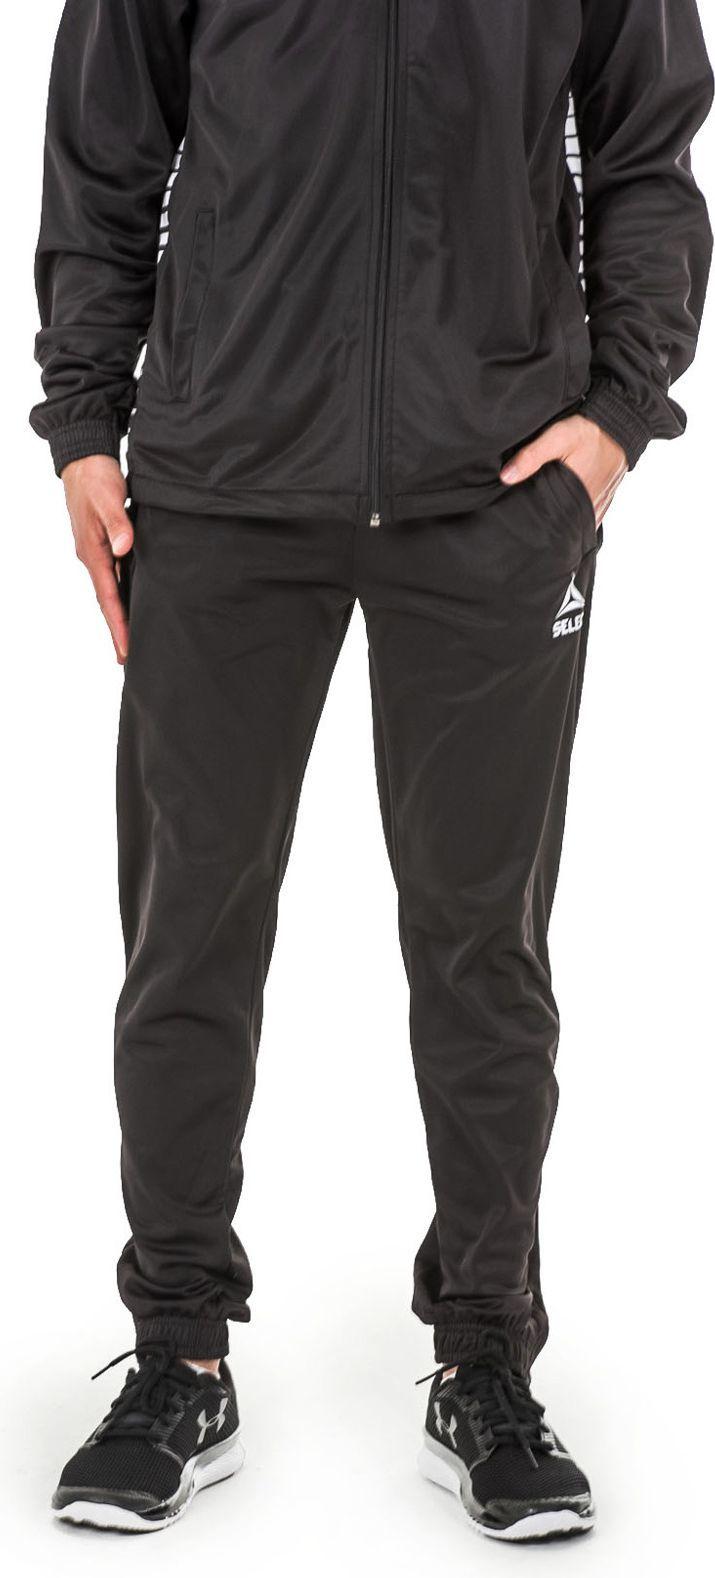 Select Spodnie dresowe męskie Mexico czarne r. XL ID produktu: 1601406